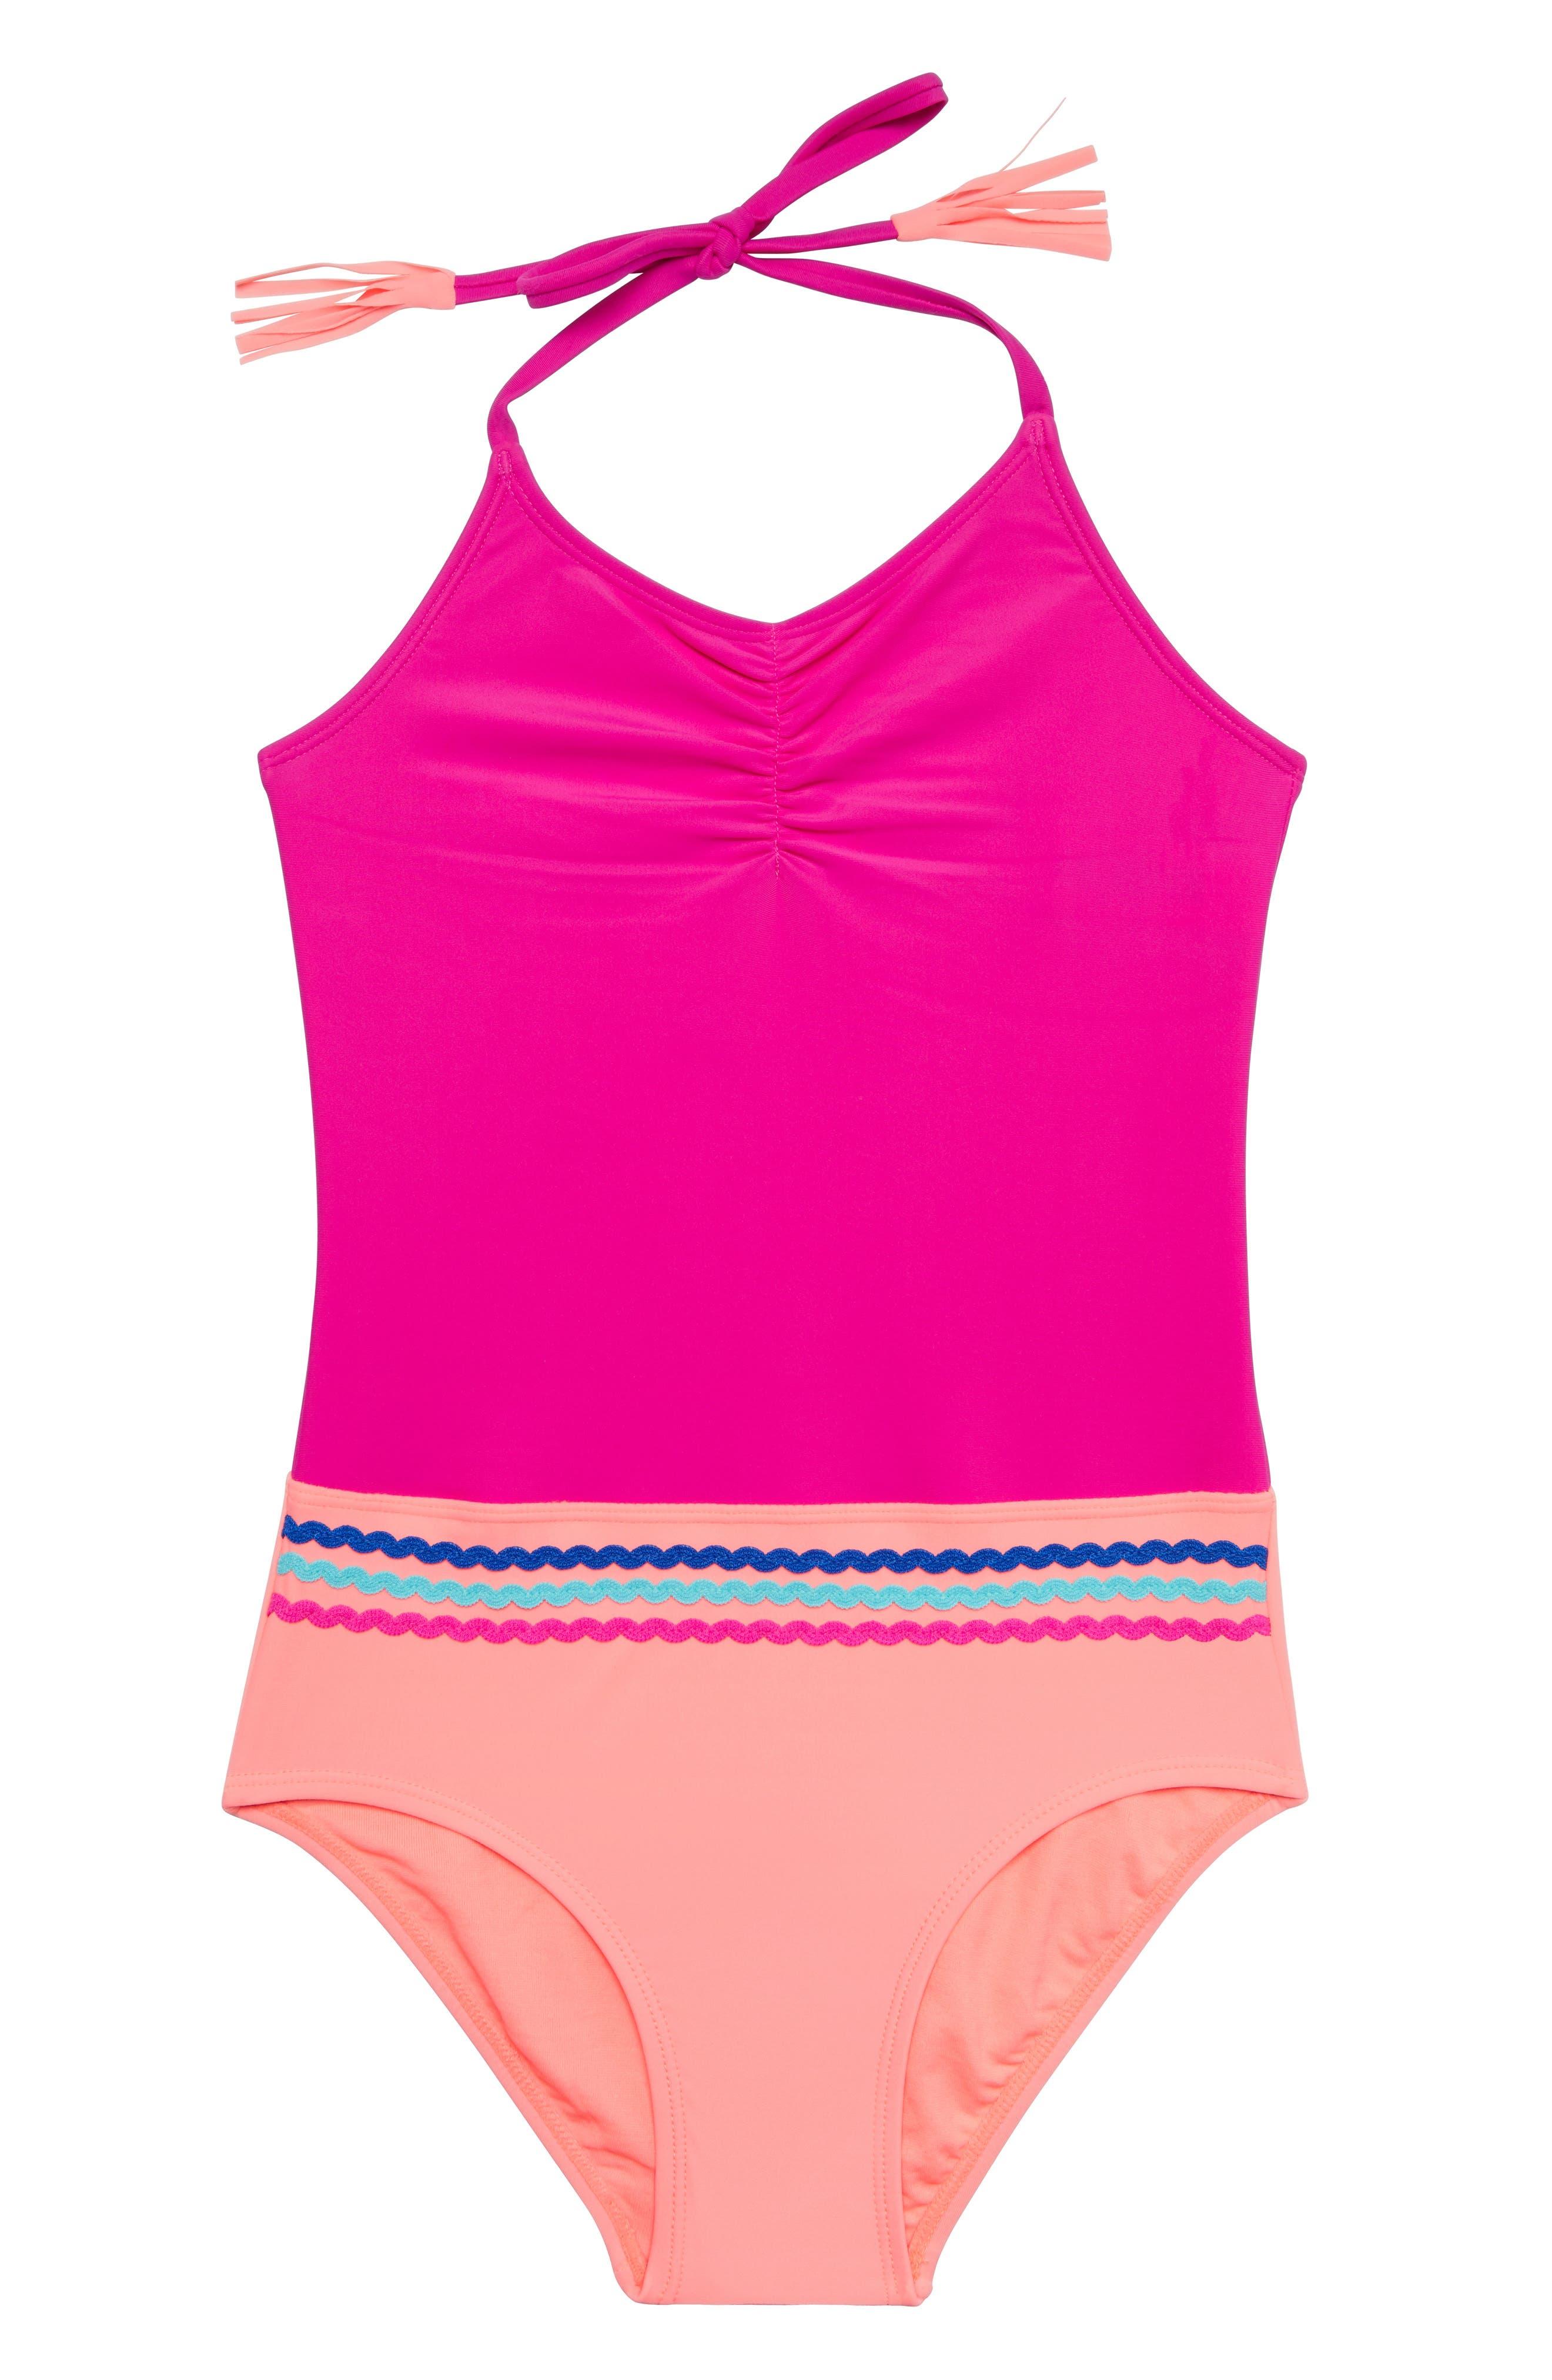 Malibu Stripe One-Piece Swimsuit,                         Main,                         color, PINK/ MULTI